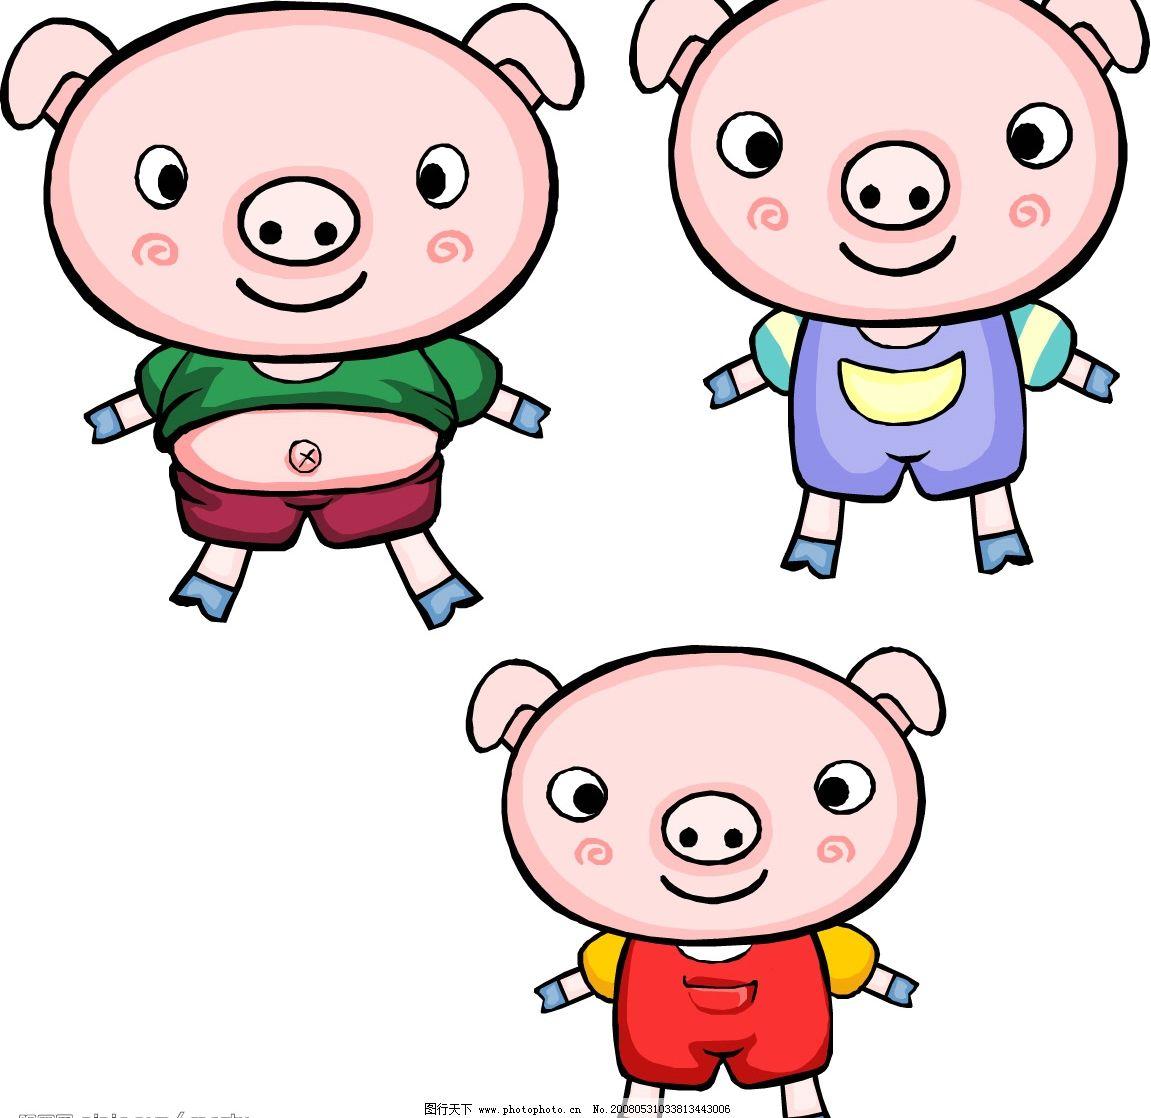 三只小猪图片图片